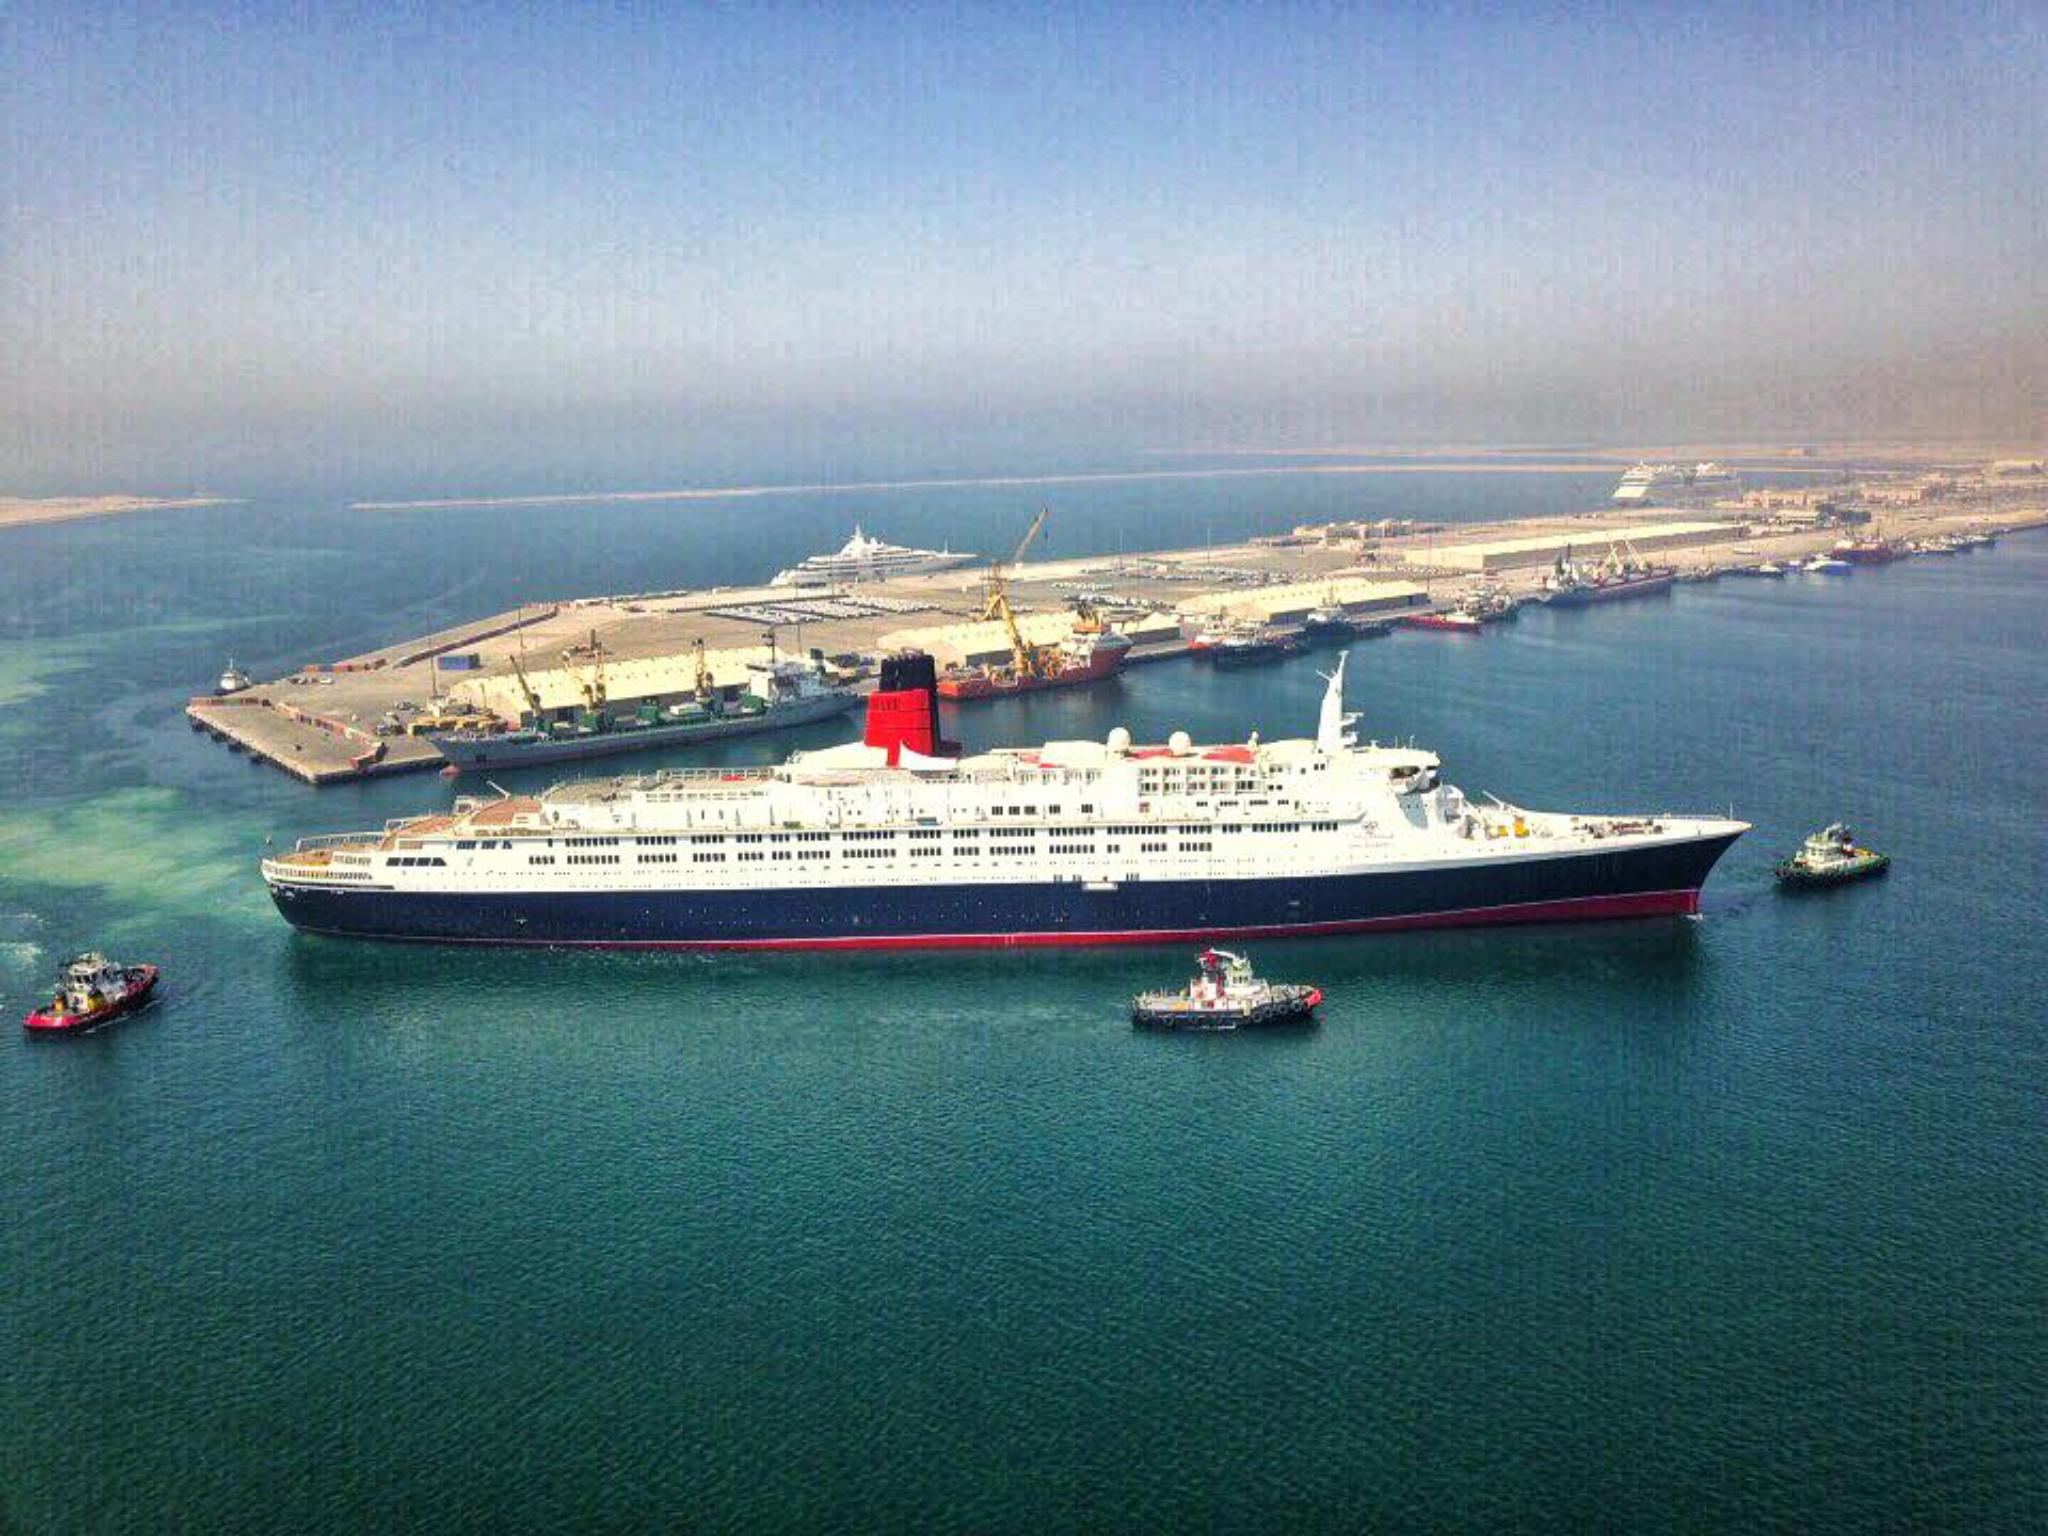 Pin By Oceanic House On Cunard Qe2 Cunard Ships Cunard Cruise Cruise Ship